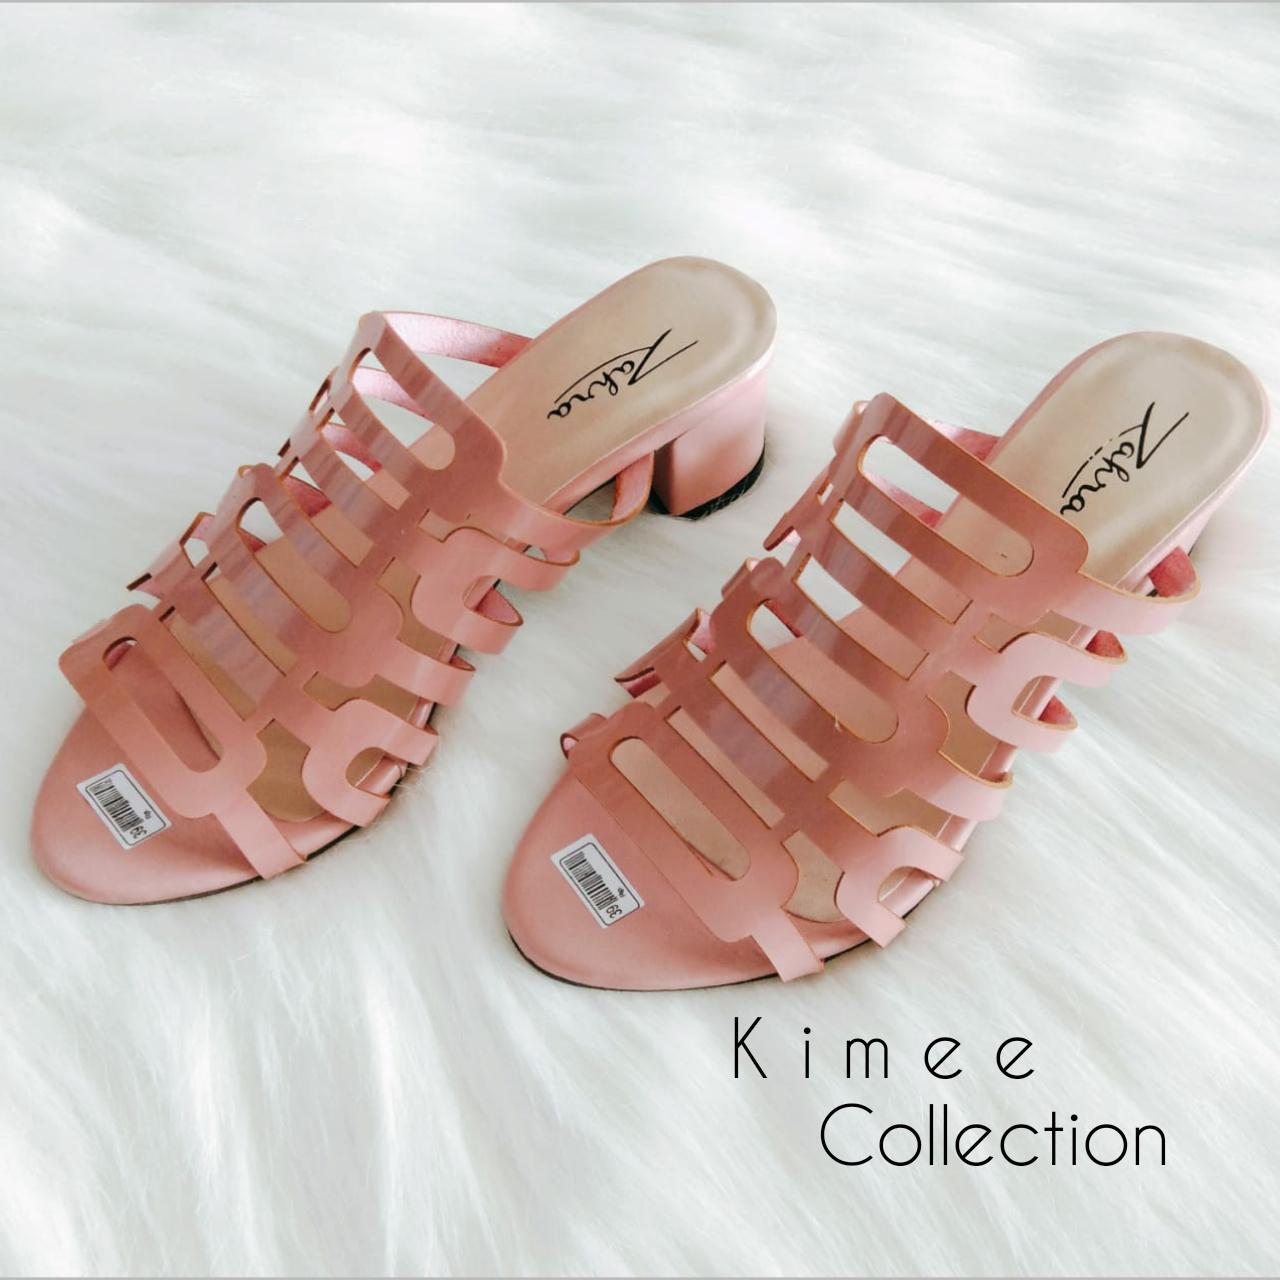 Kimee - Felicia Chunky Heels